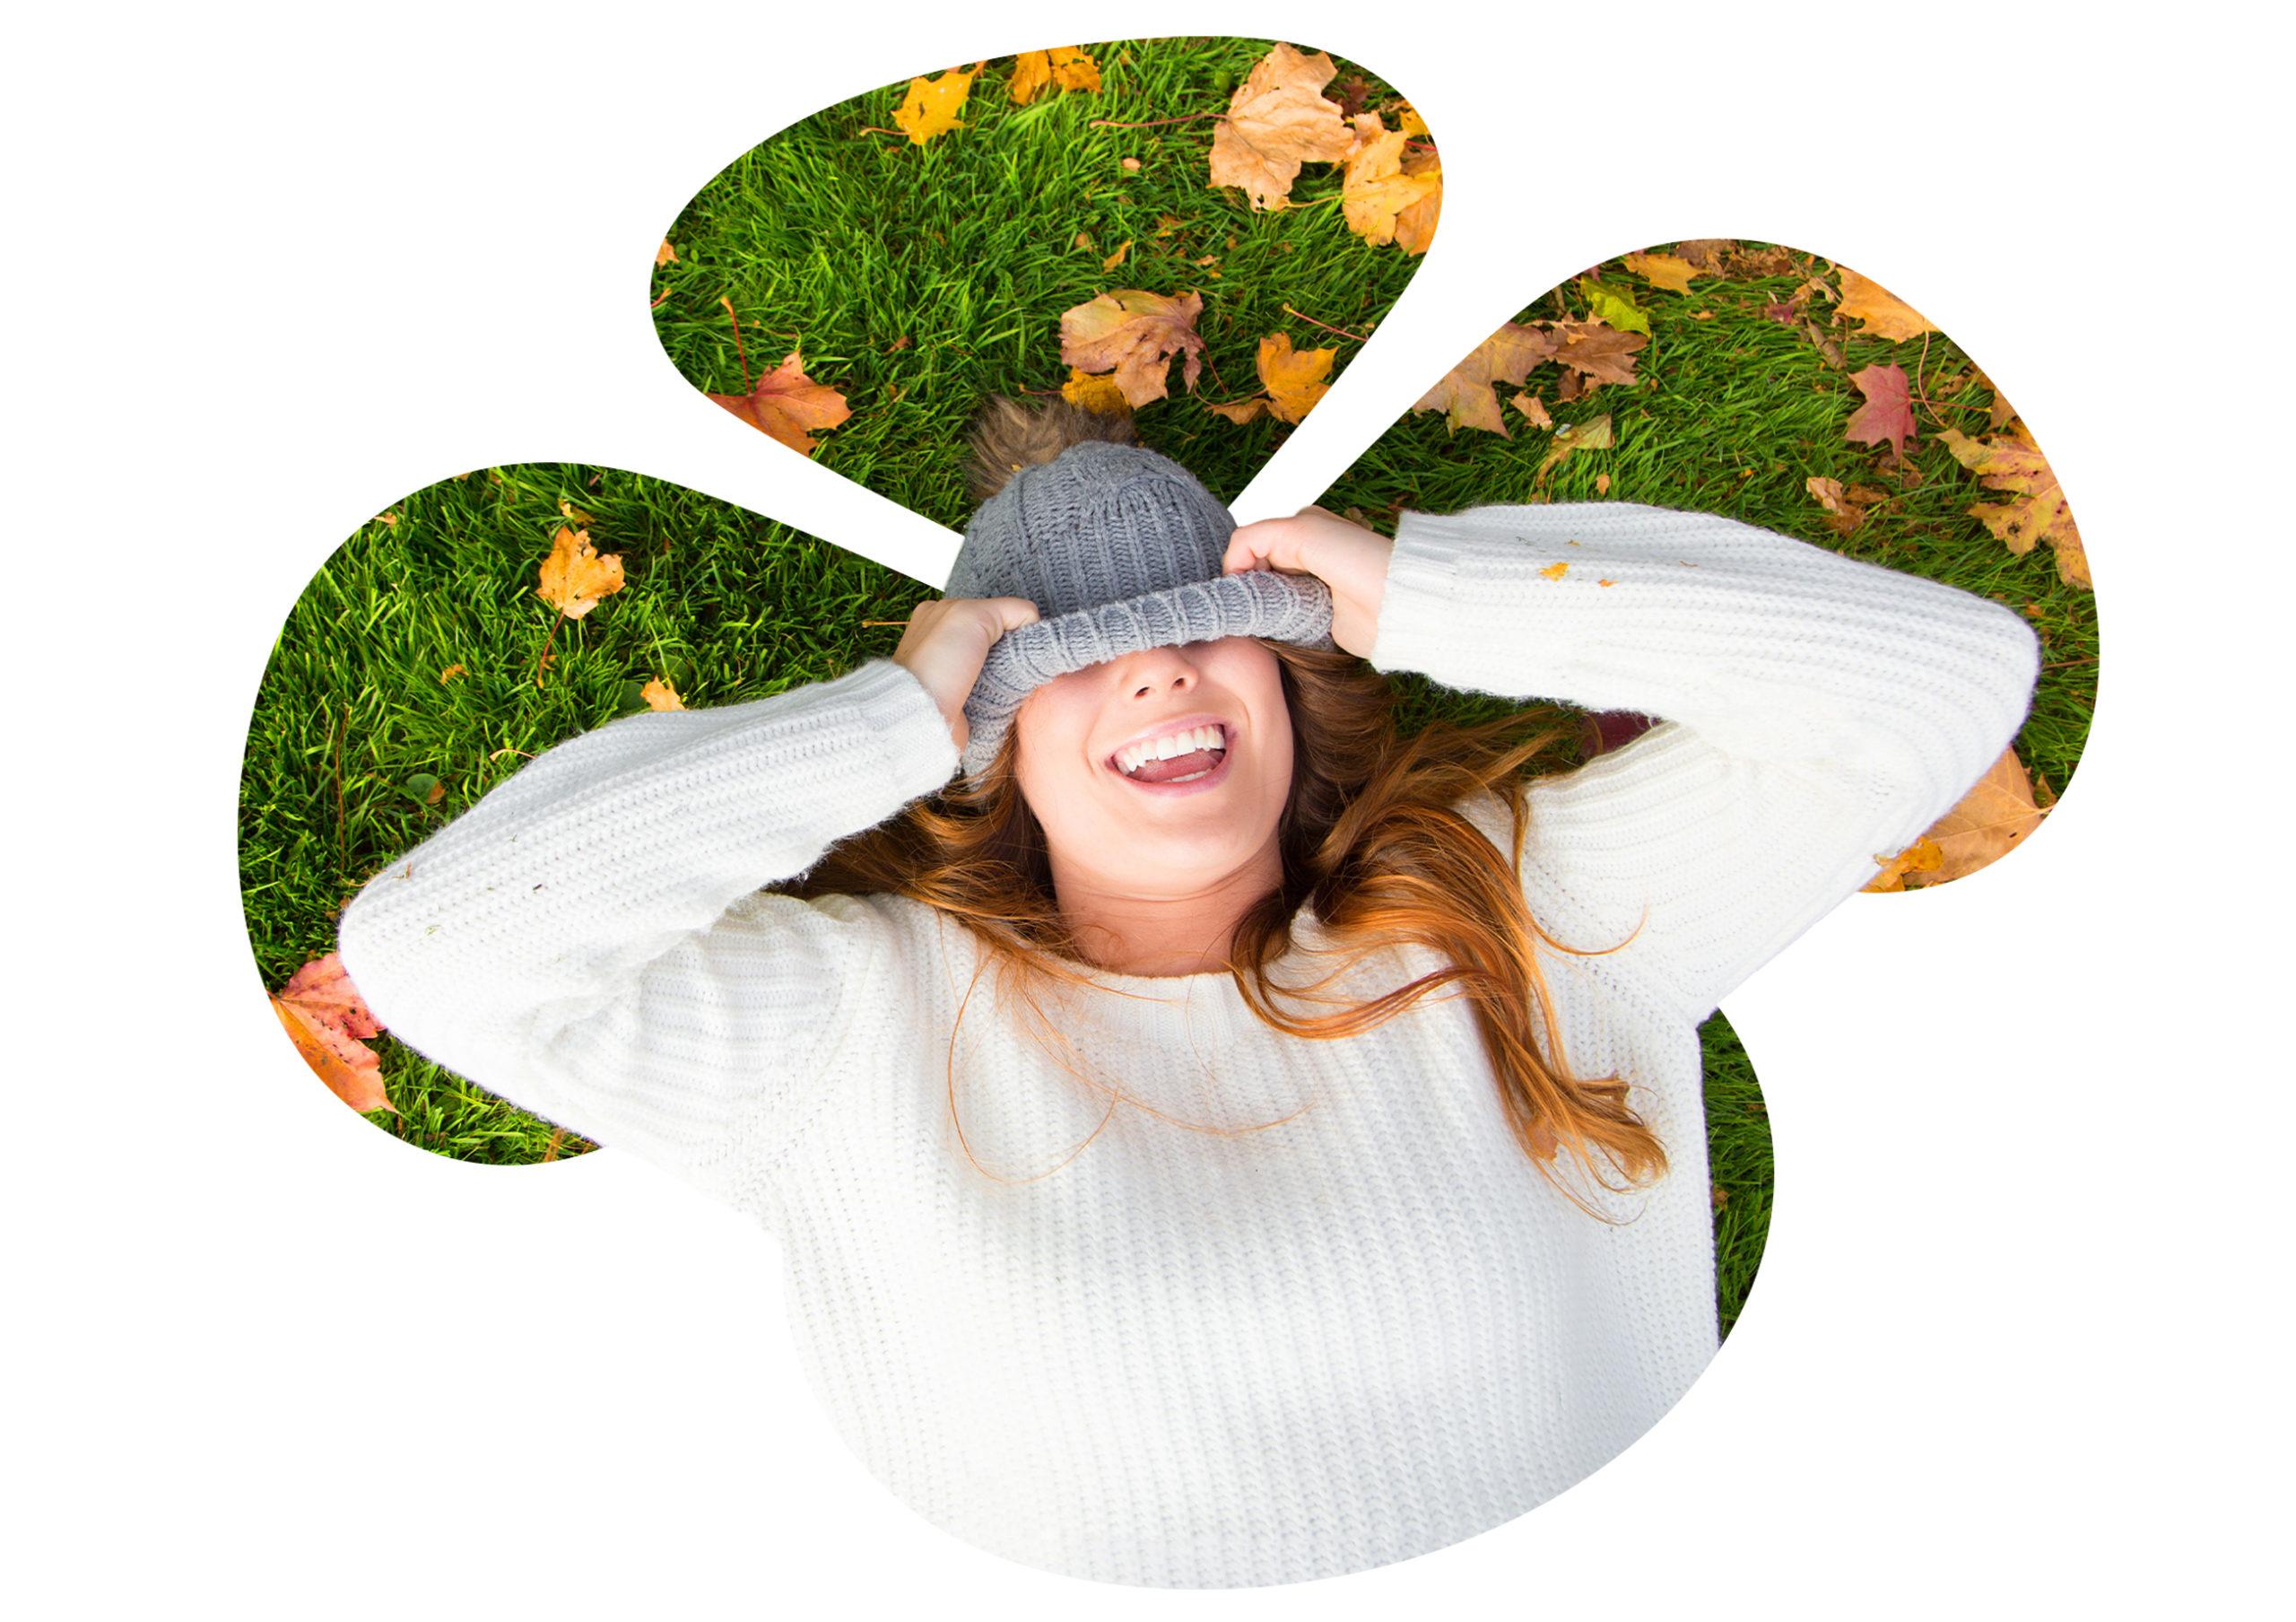 ihminen hattu silmillään maassa makaamassa, syksyisiä lehtiä ympärillä.